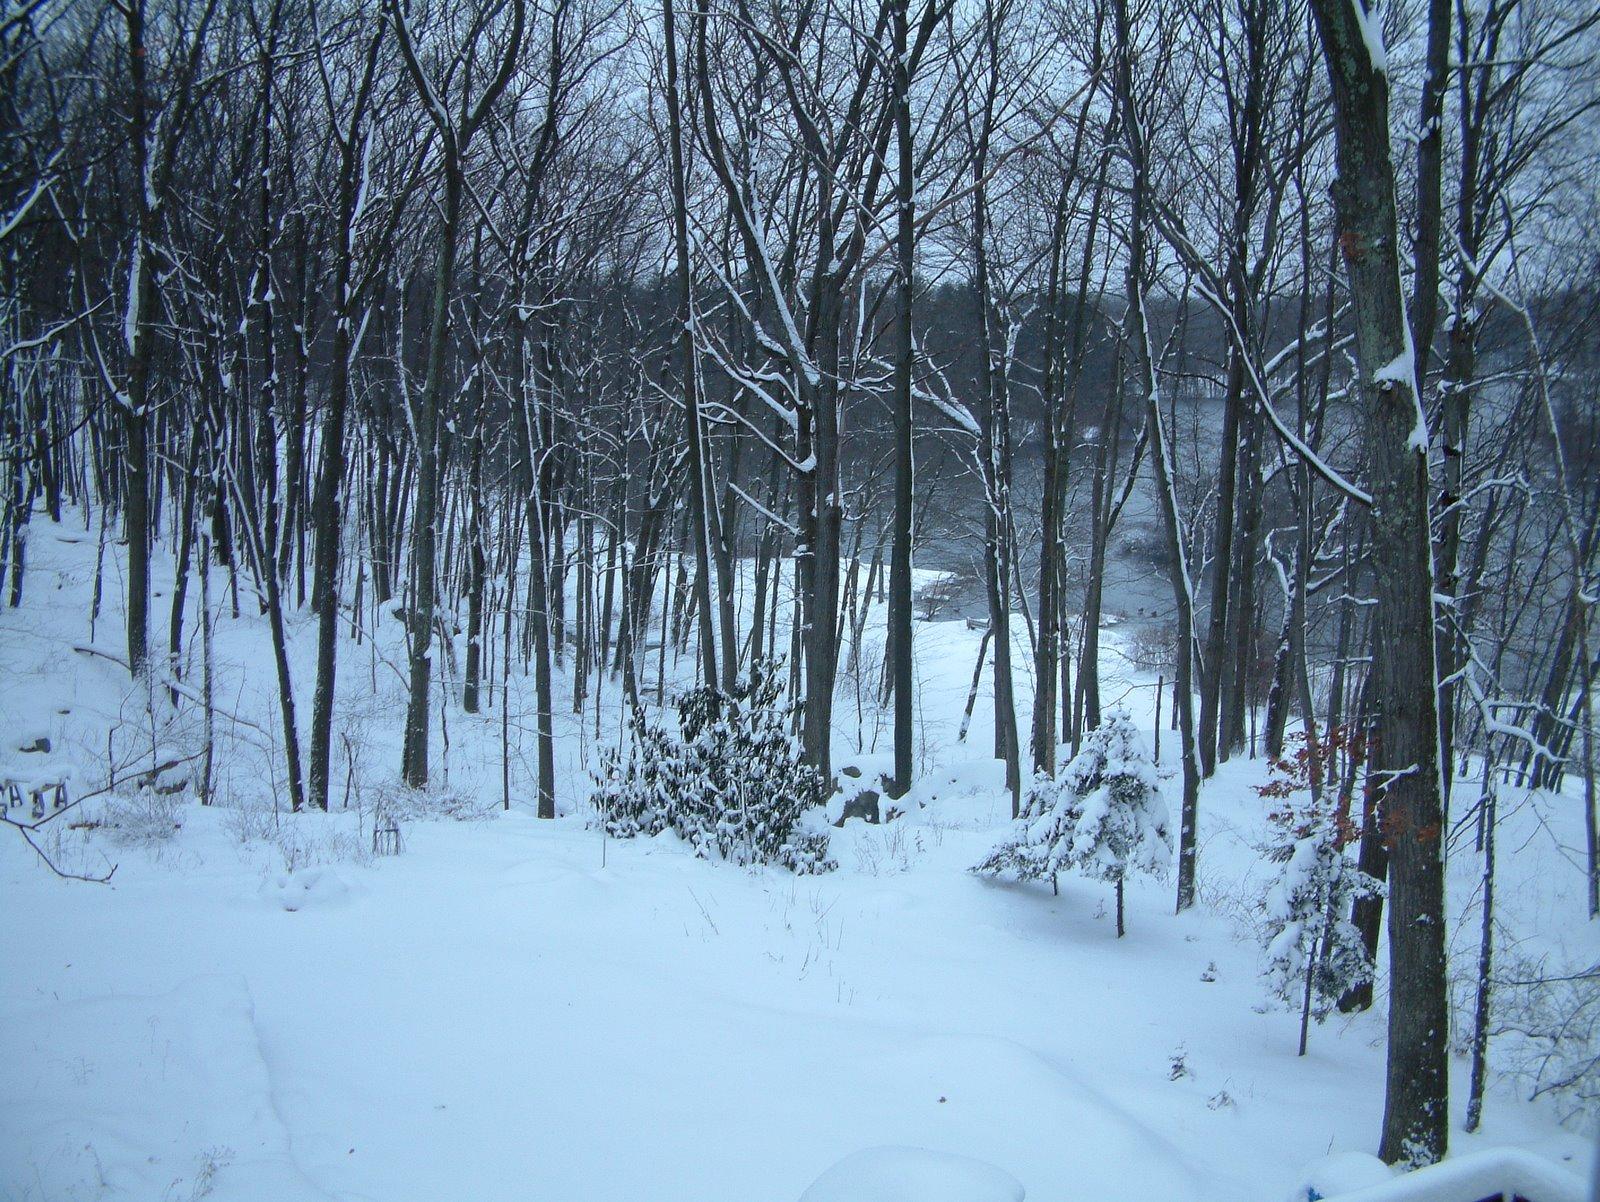 [Snow+12+20+08+005.JPG]